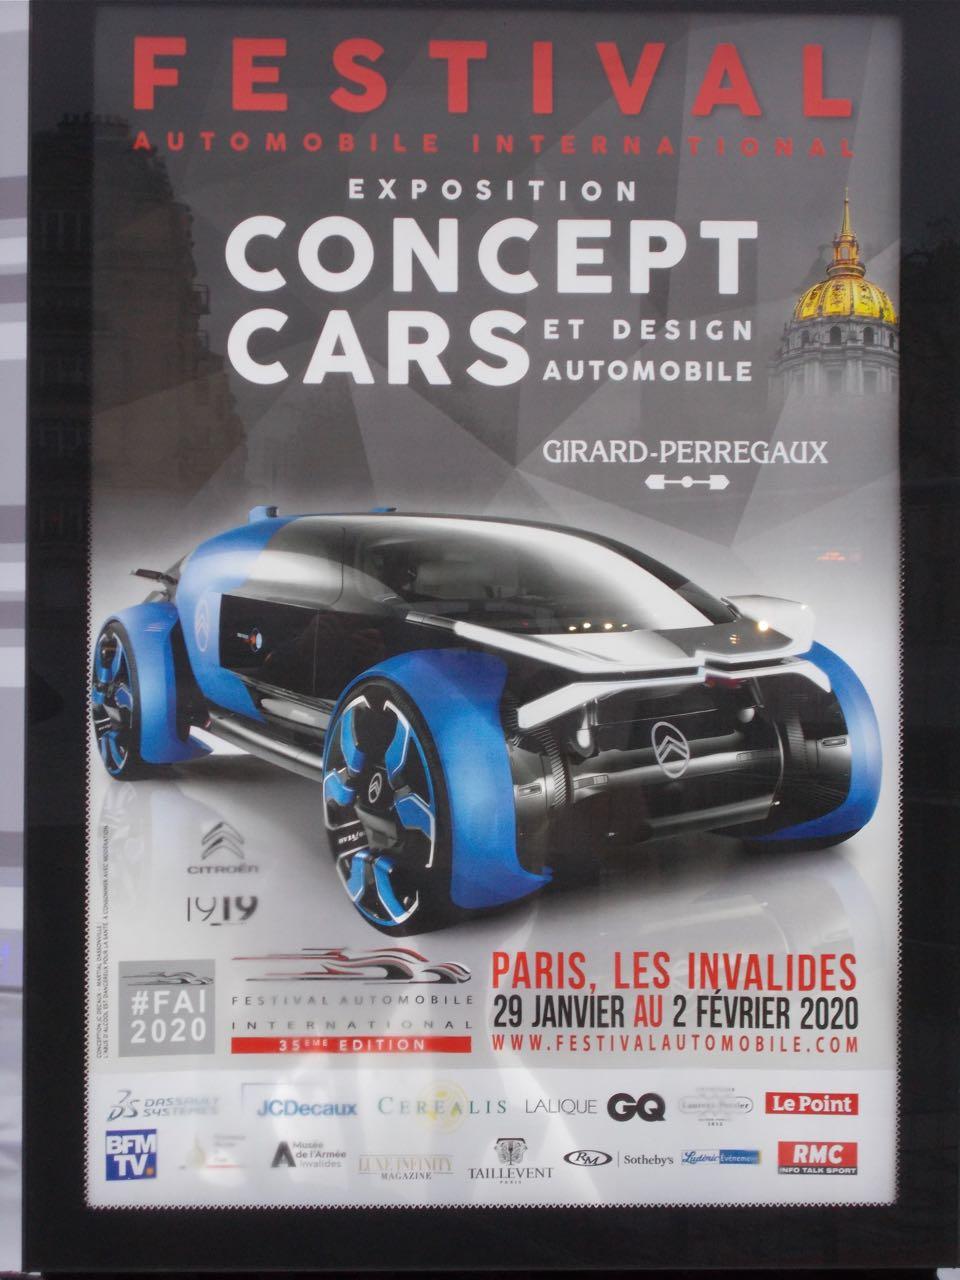 Exposition CONCEPT CARS et Design Automobile 2020 Concep11